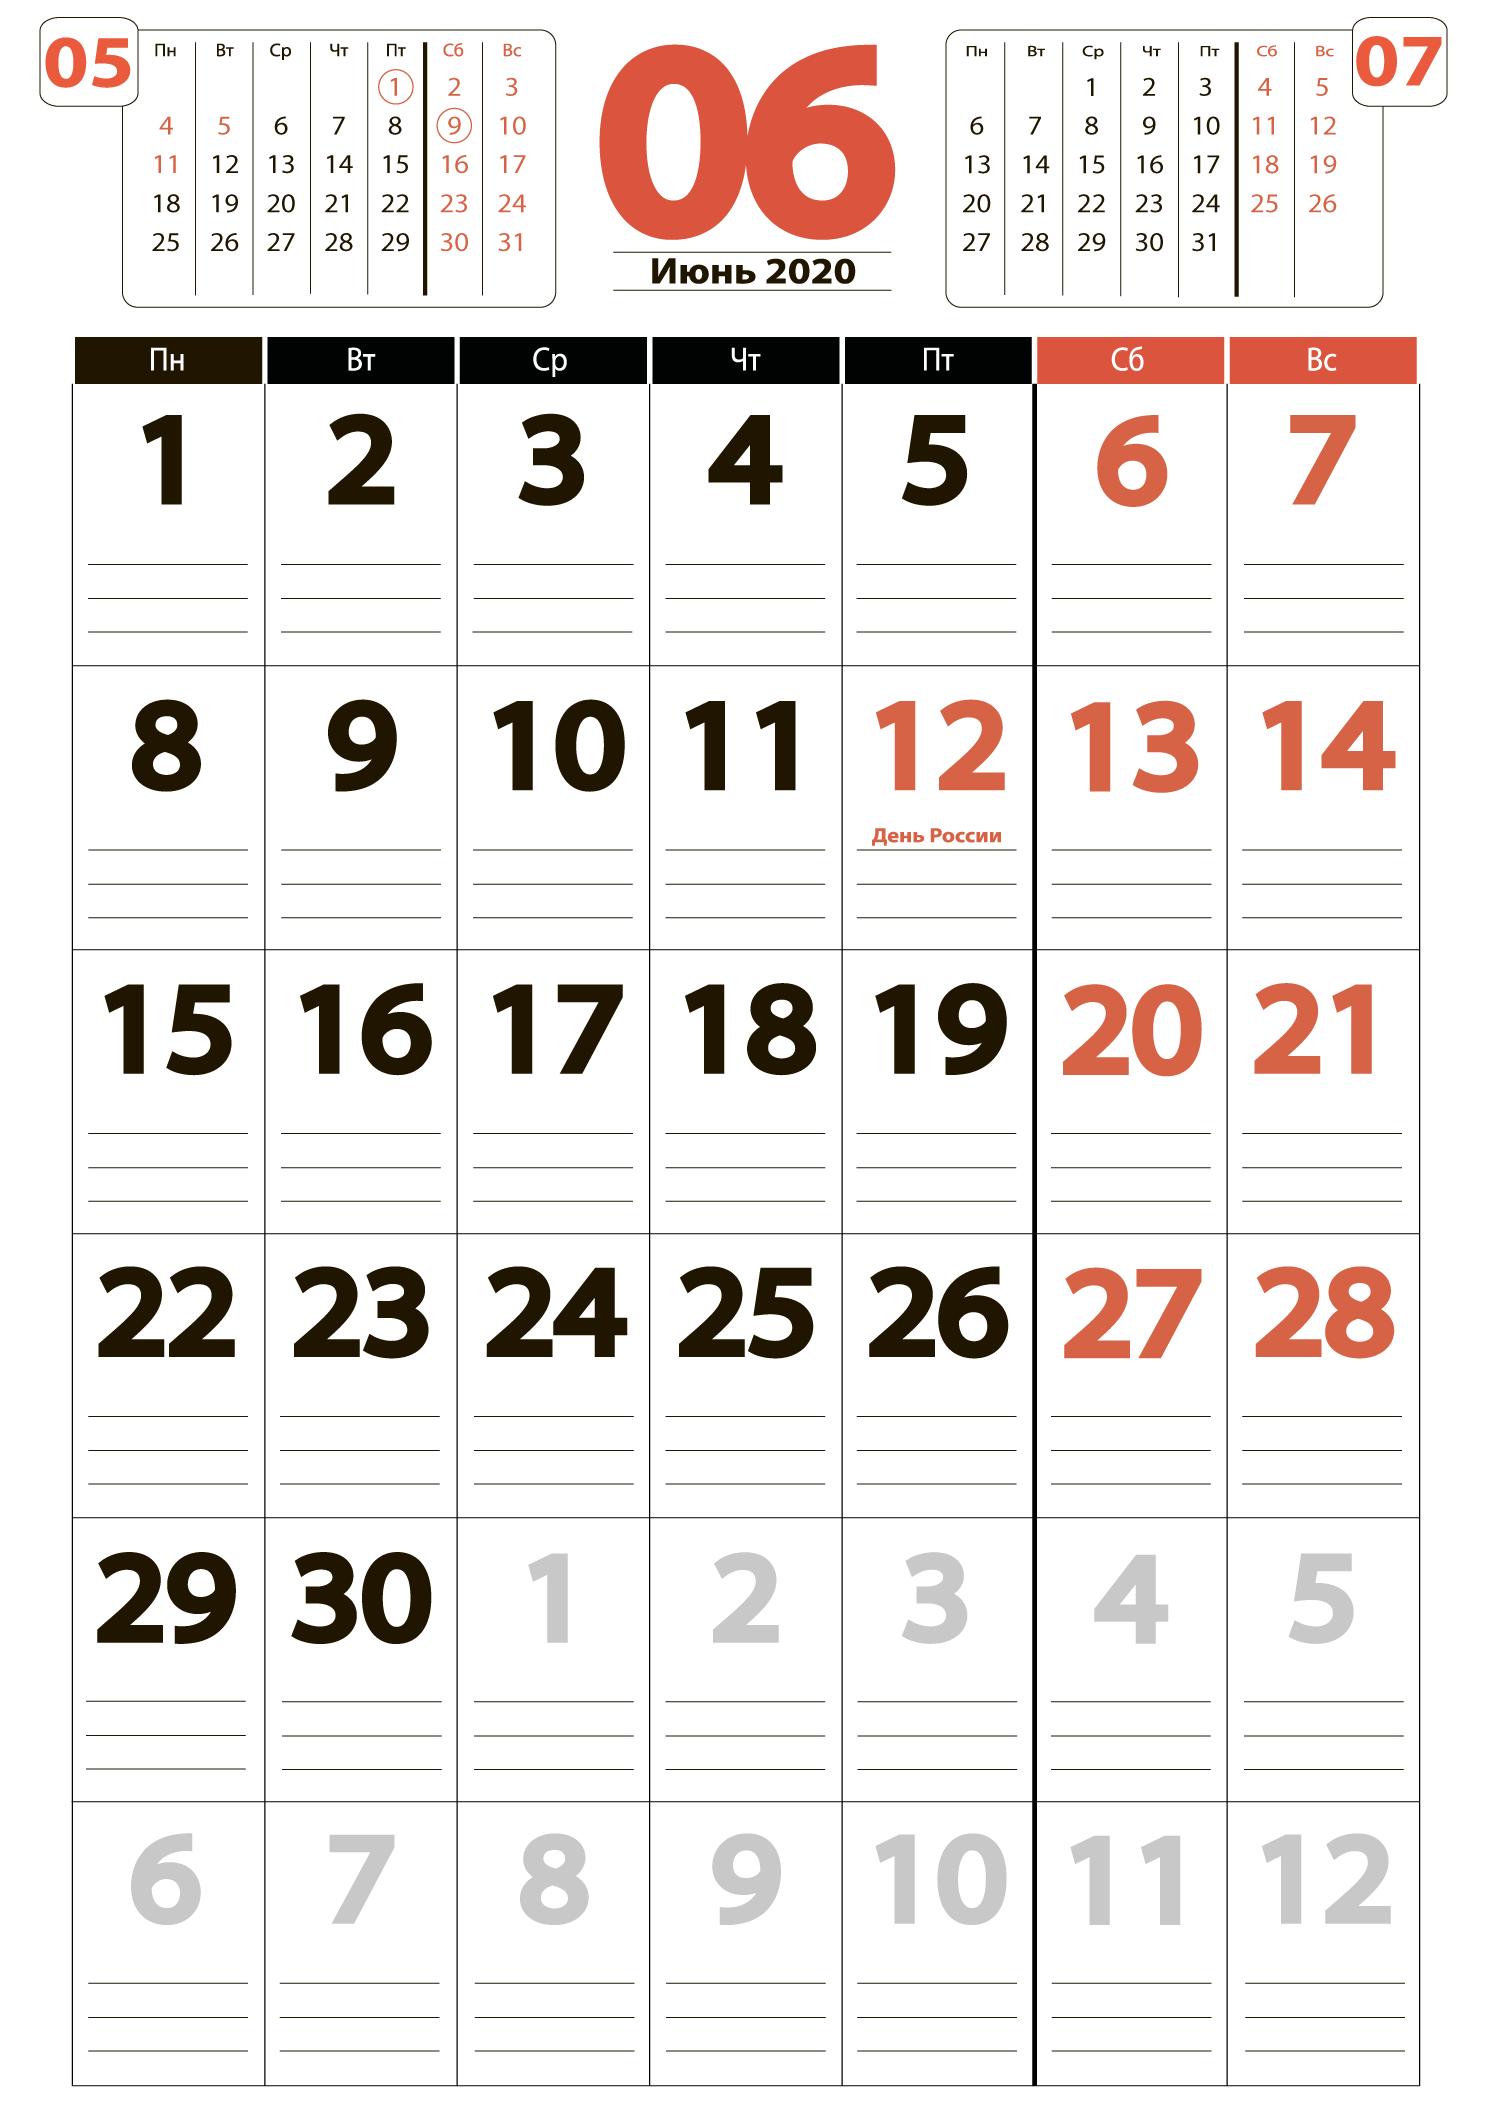 Печать крупного календаря на июнь 2020